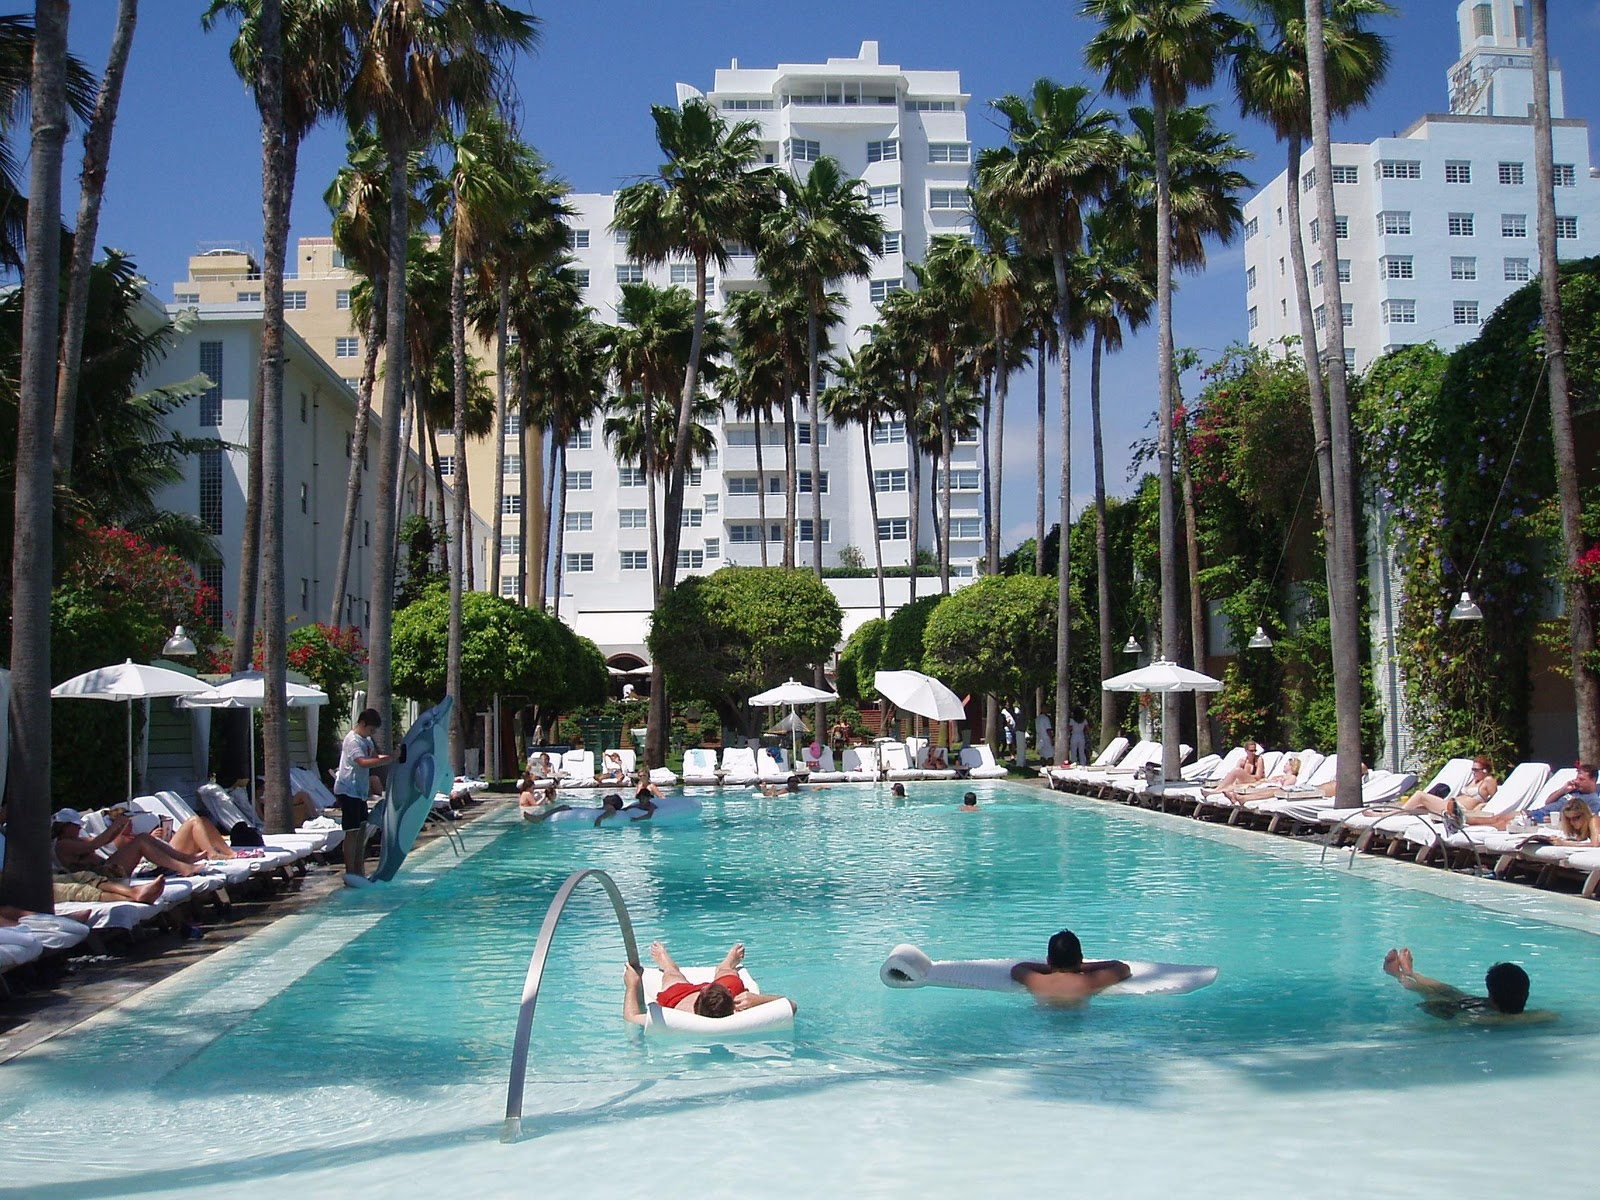 Delano Hotel Miami Beach The Trendy Guide